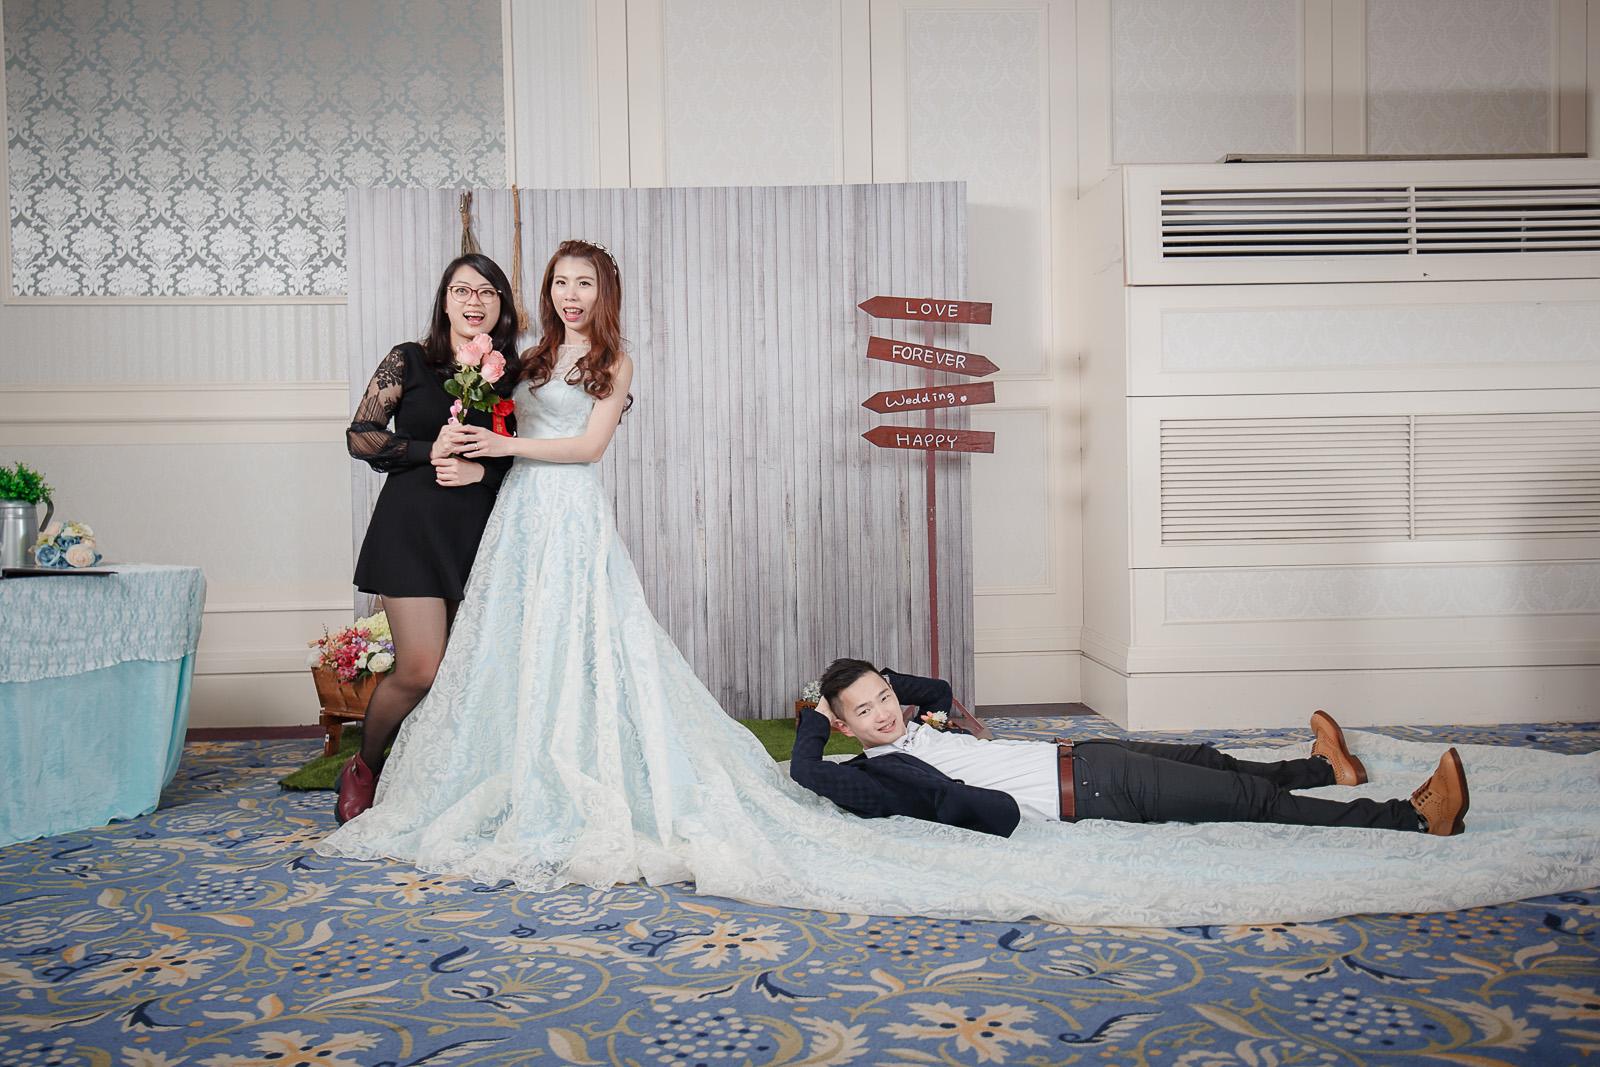 高雄圓山飯店,婚禮攝影,婚攝,高雄婚攝,優質婚攝推薦,Jen&Ethan-345